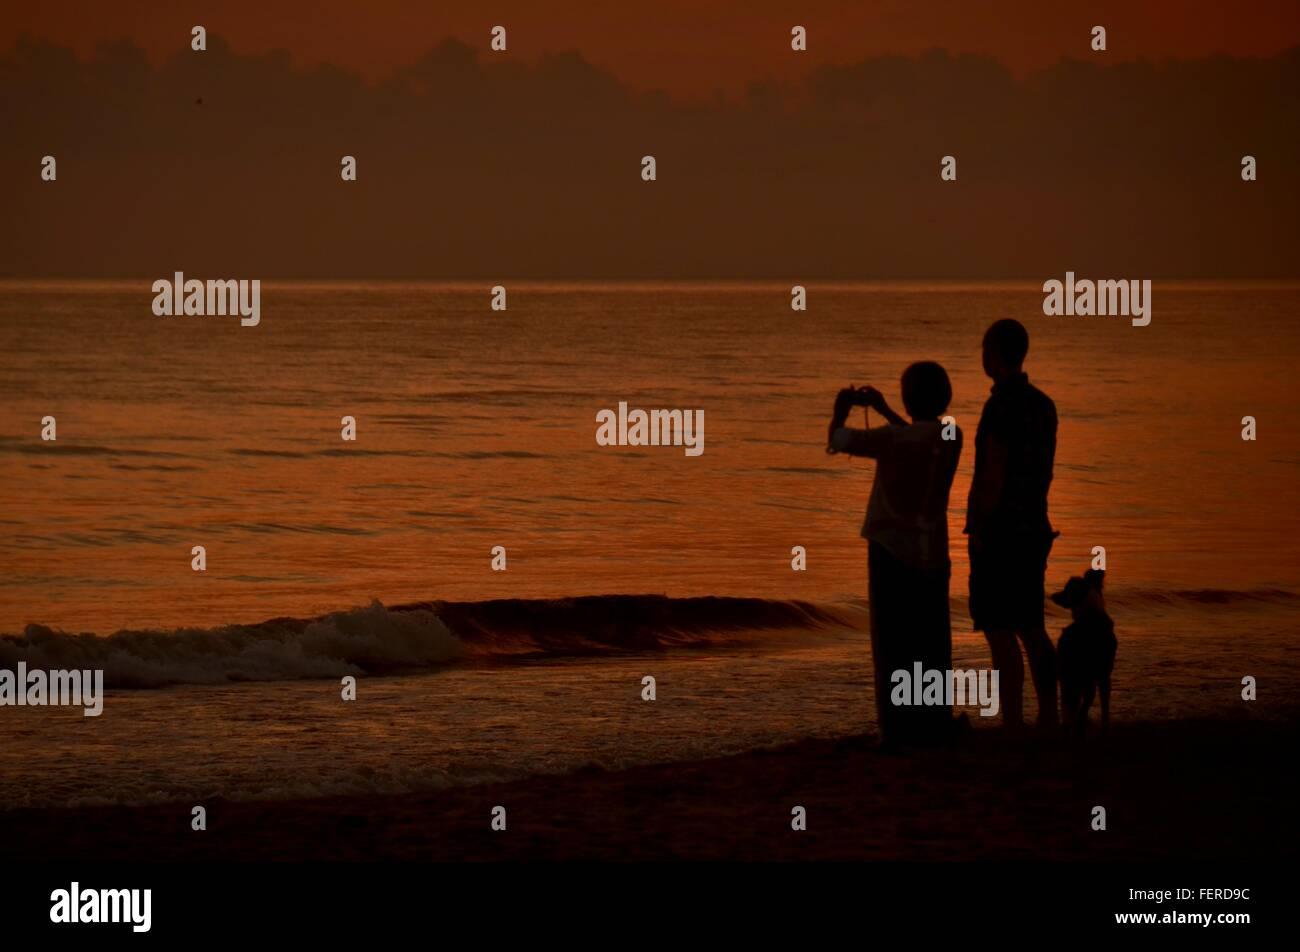 Frau See von Mensch und Hund bei Sonnenuntergang fotografieren Stockbild